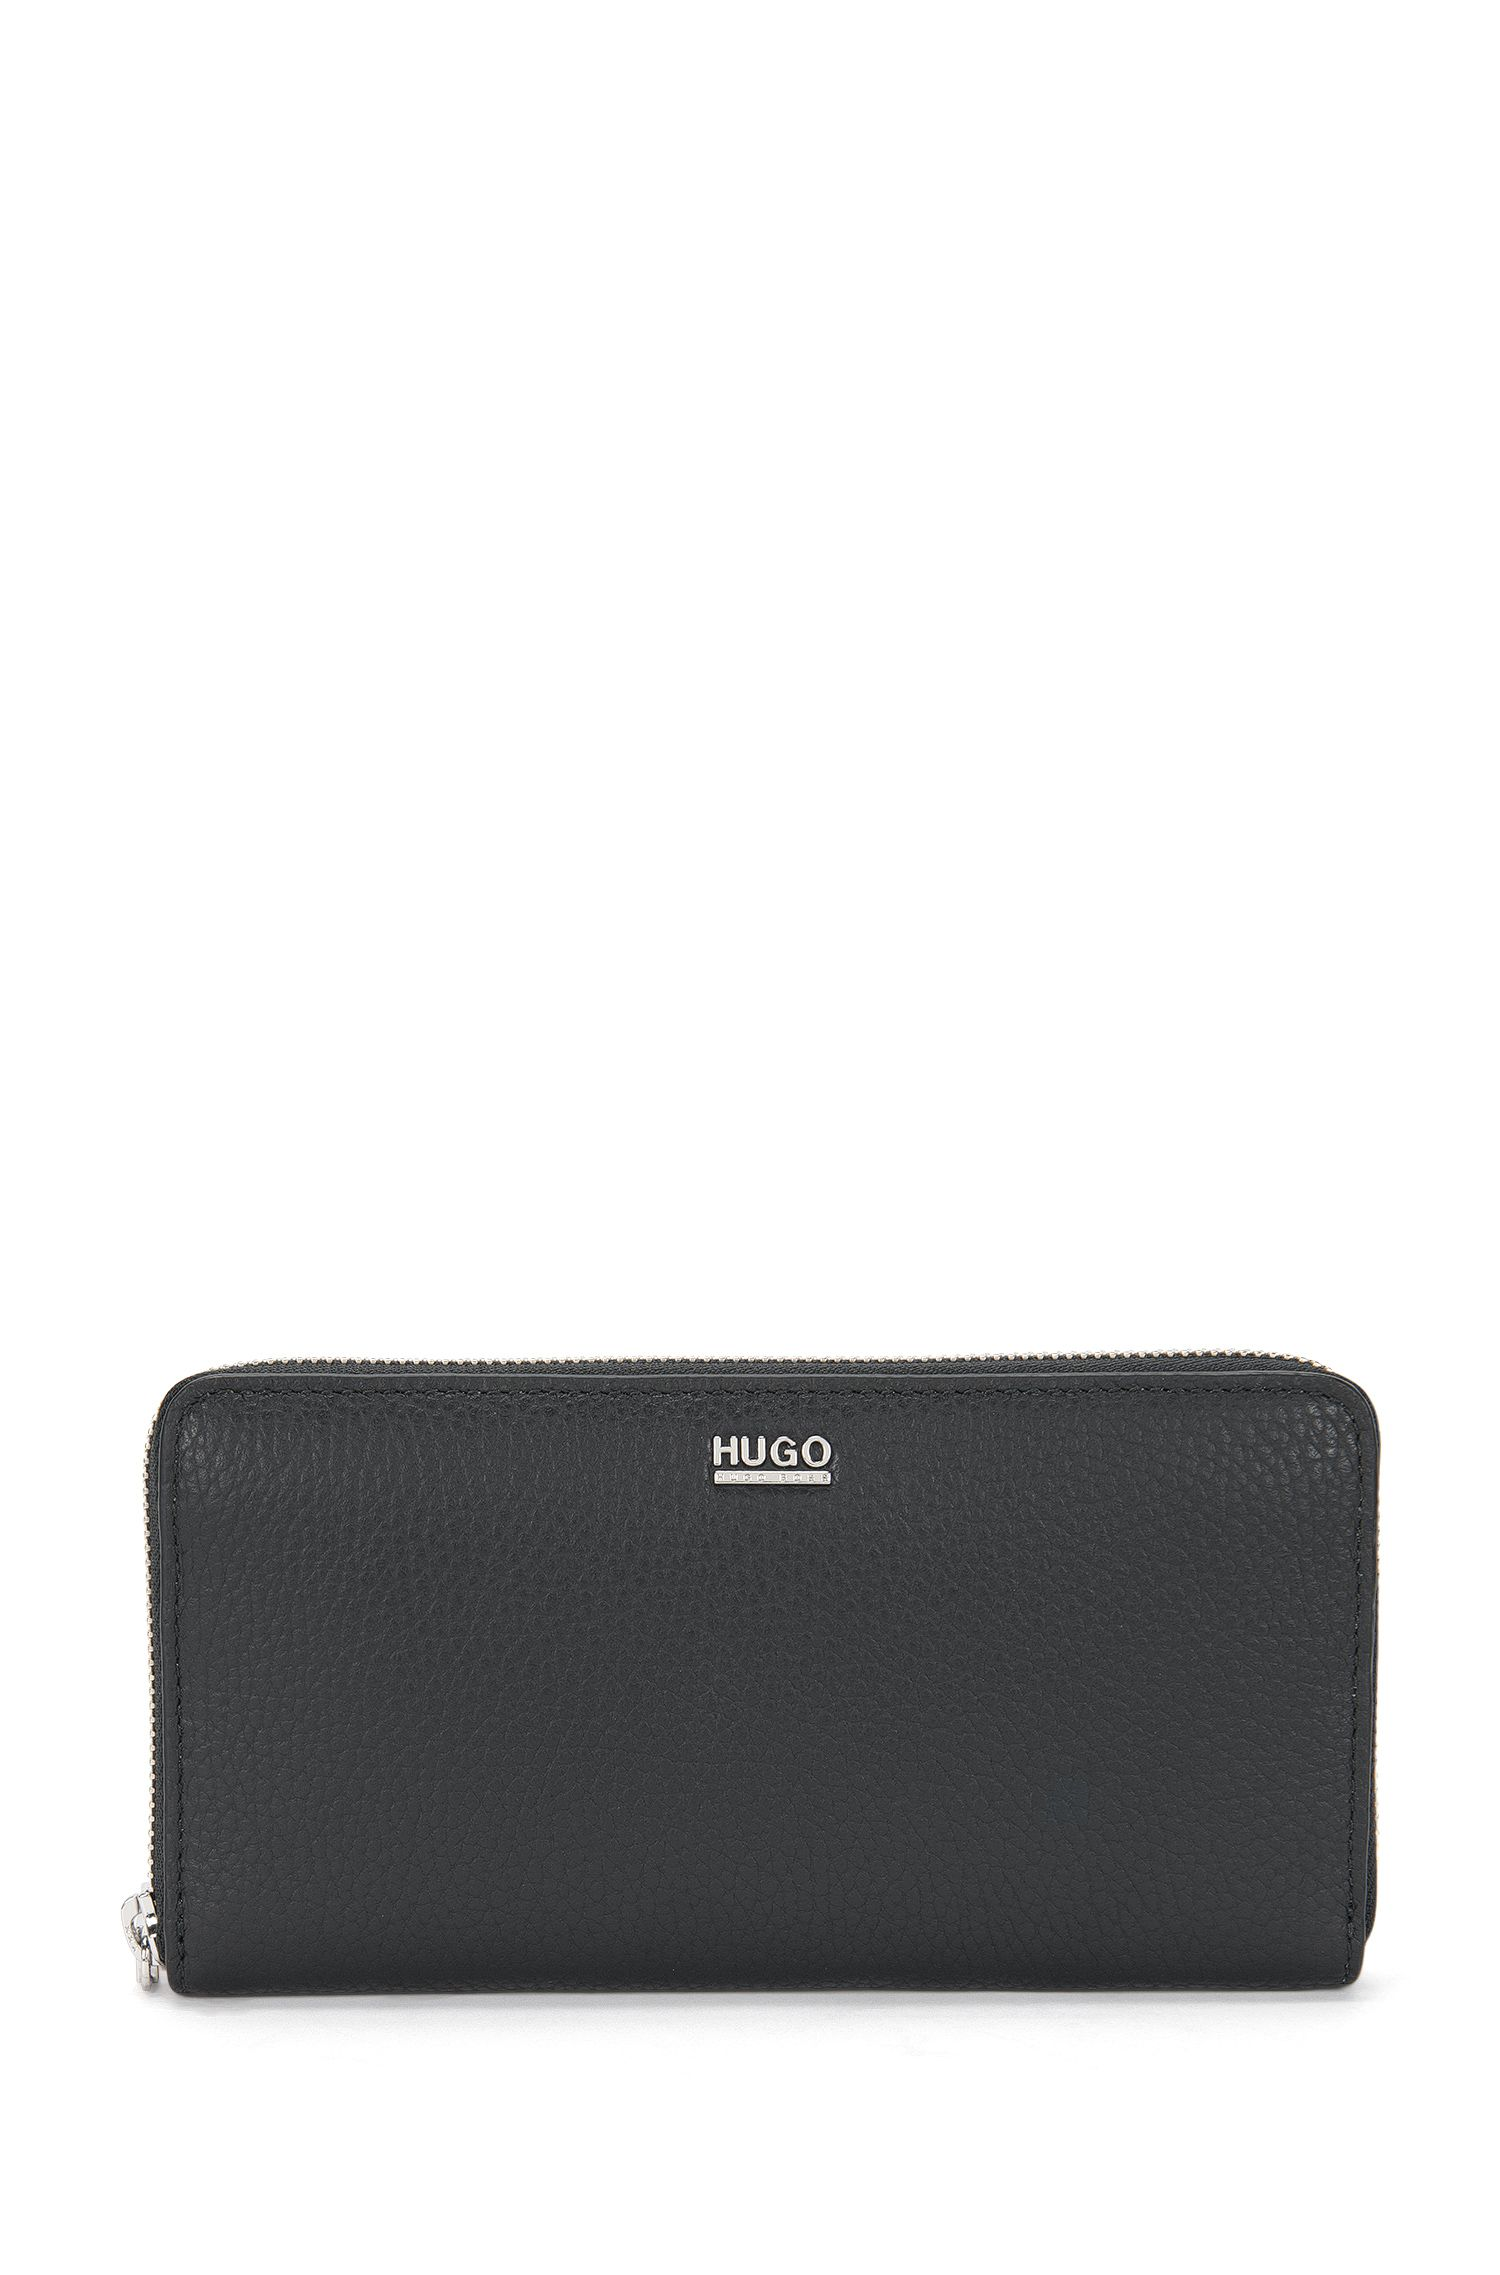 Portefeuille en cuir italien texturé, avec zip circulaire